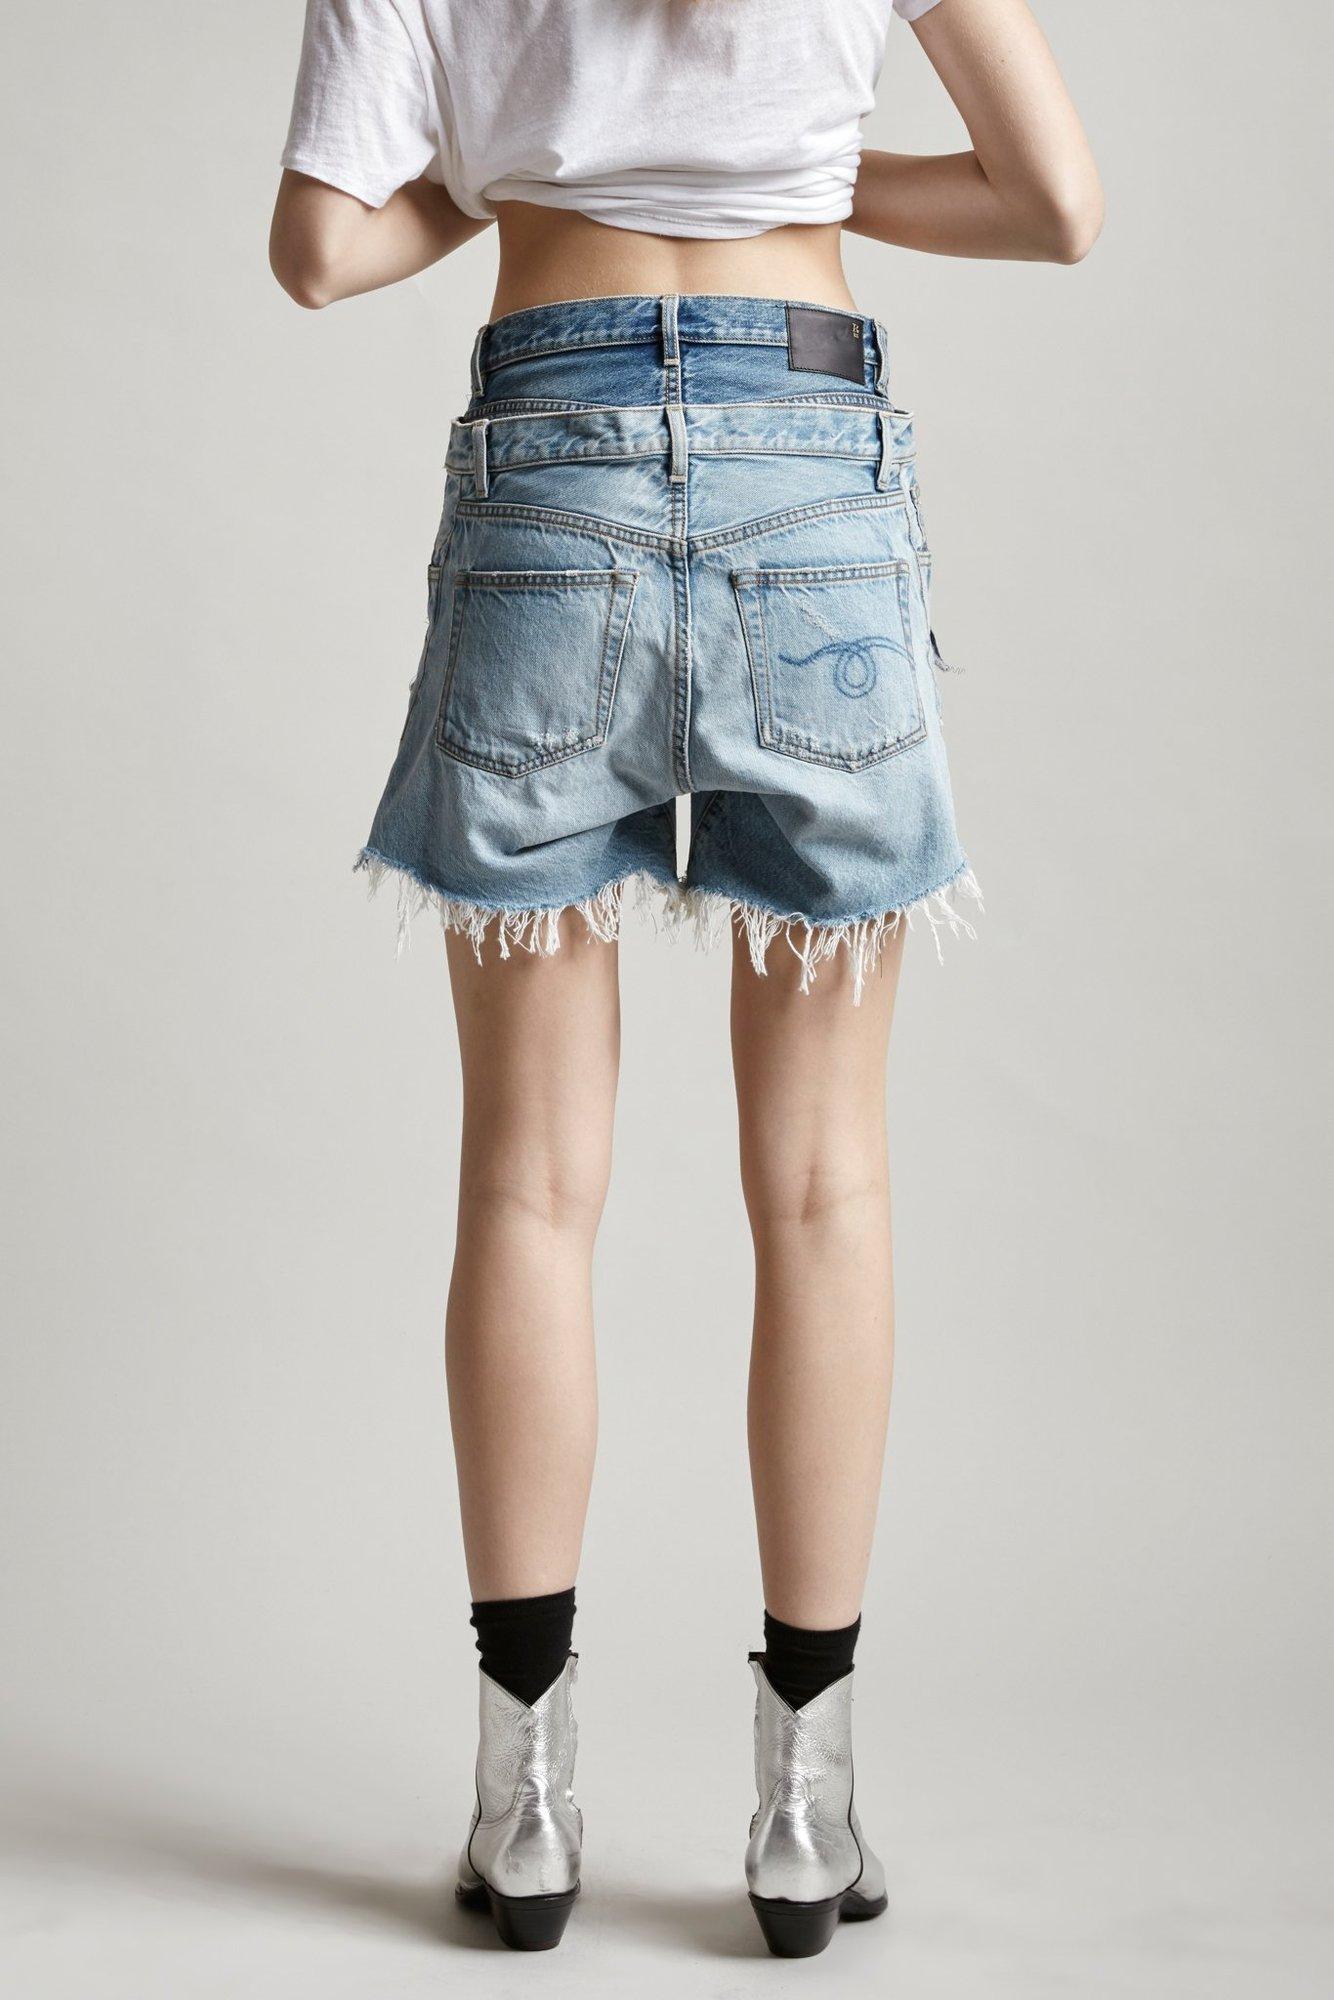 Esta marca costurou dois shorts jeans e criou uma peça só